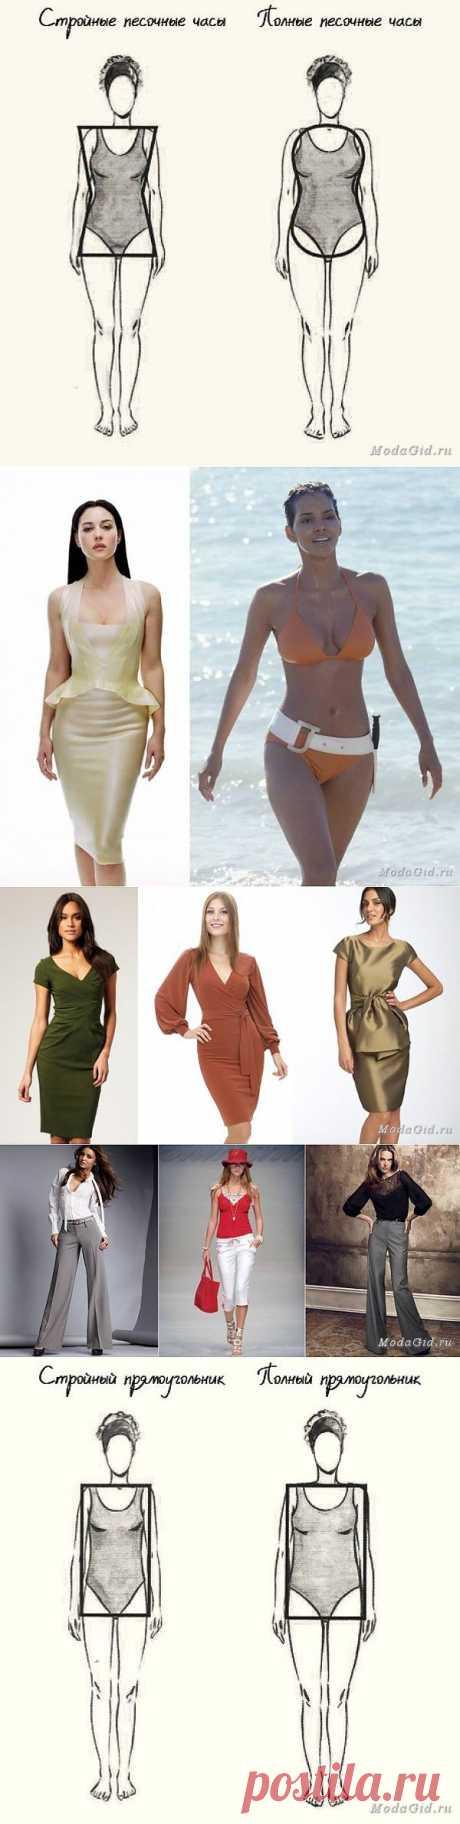 Мода и стиль: Стиль: работа над пропорциями